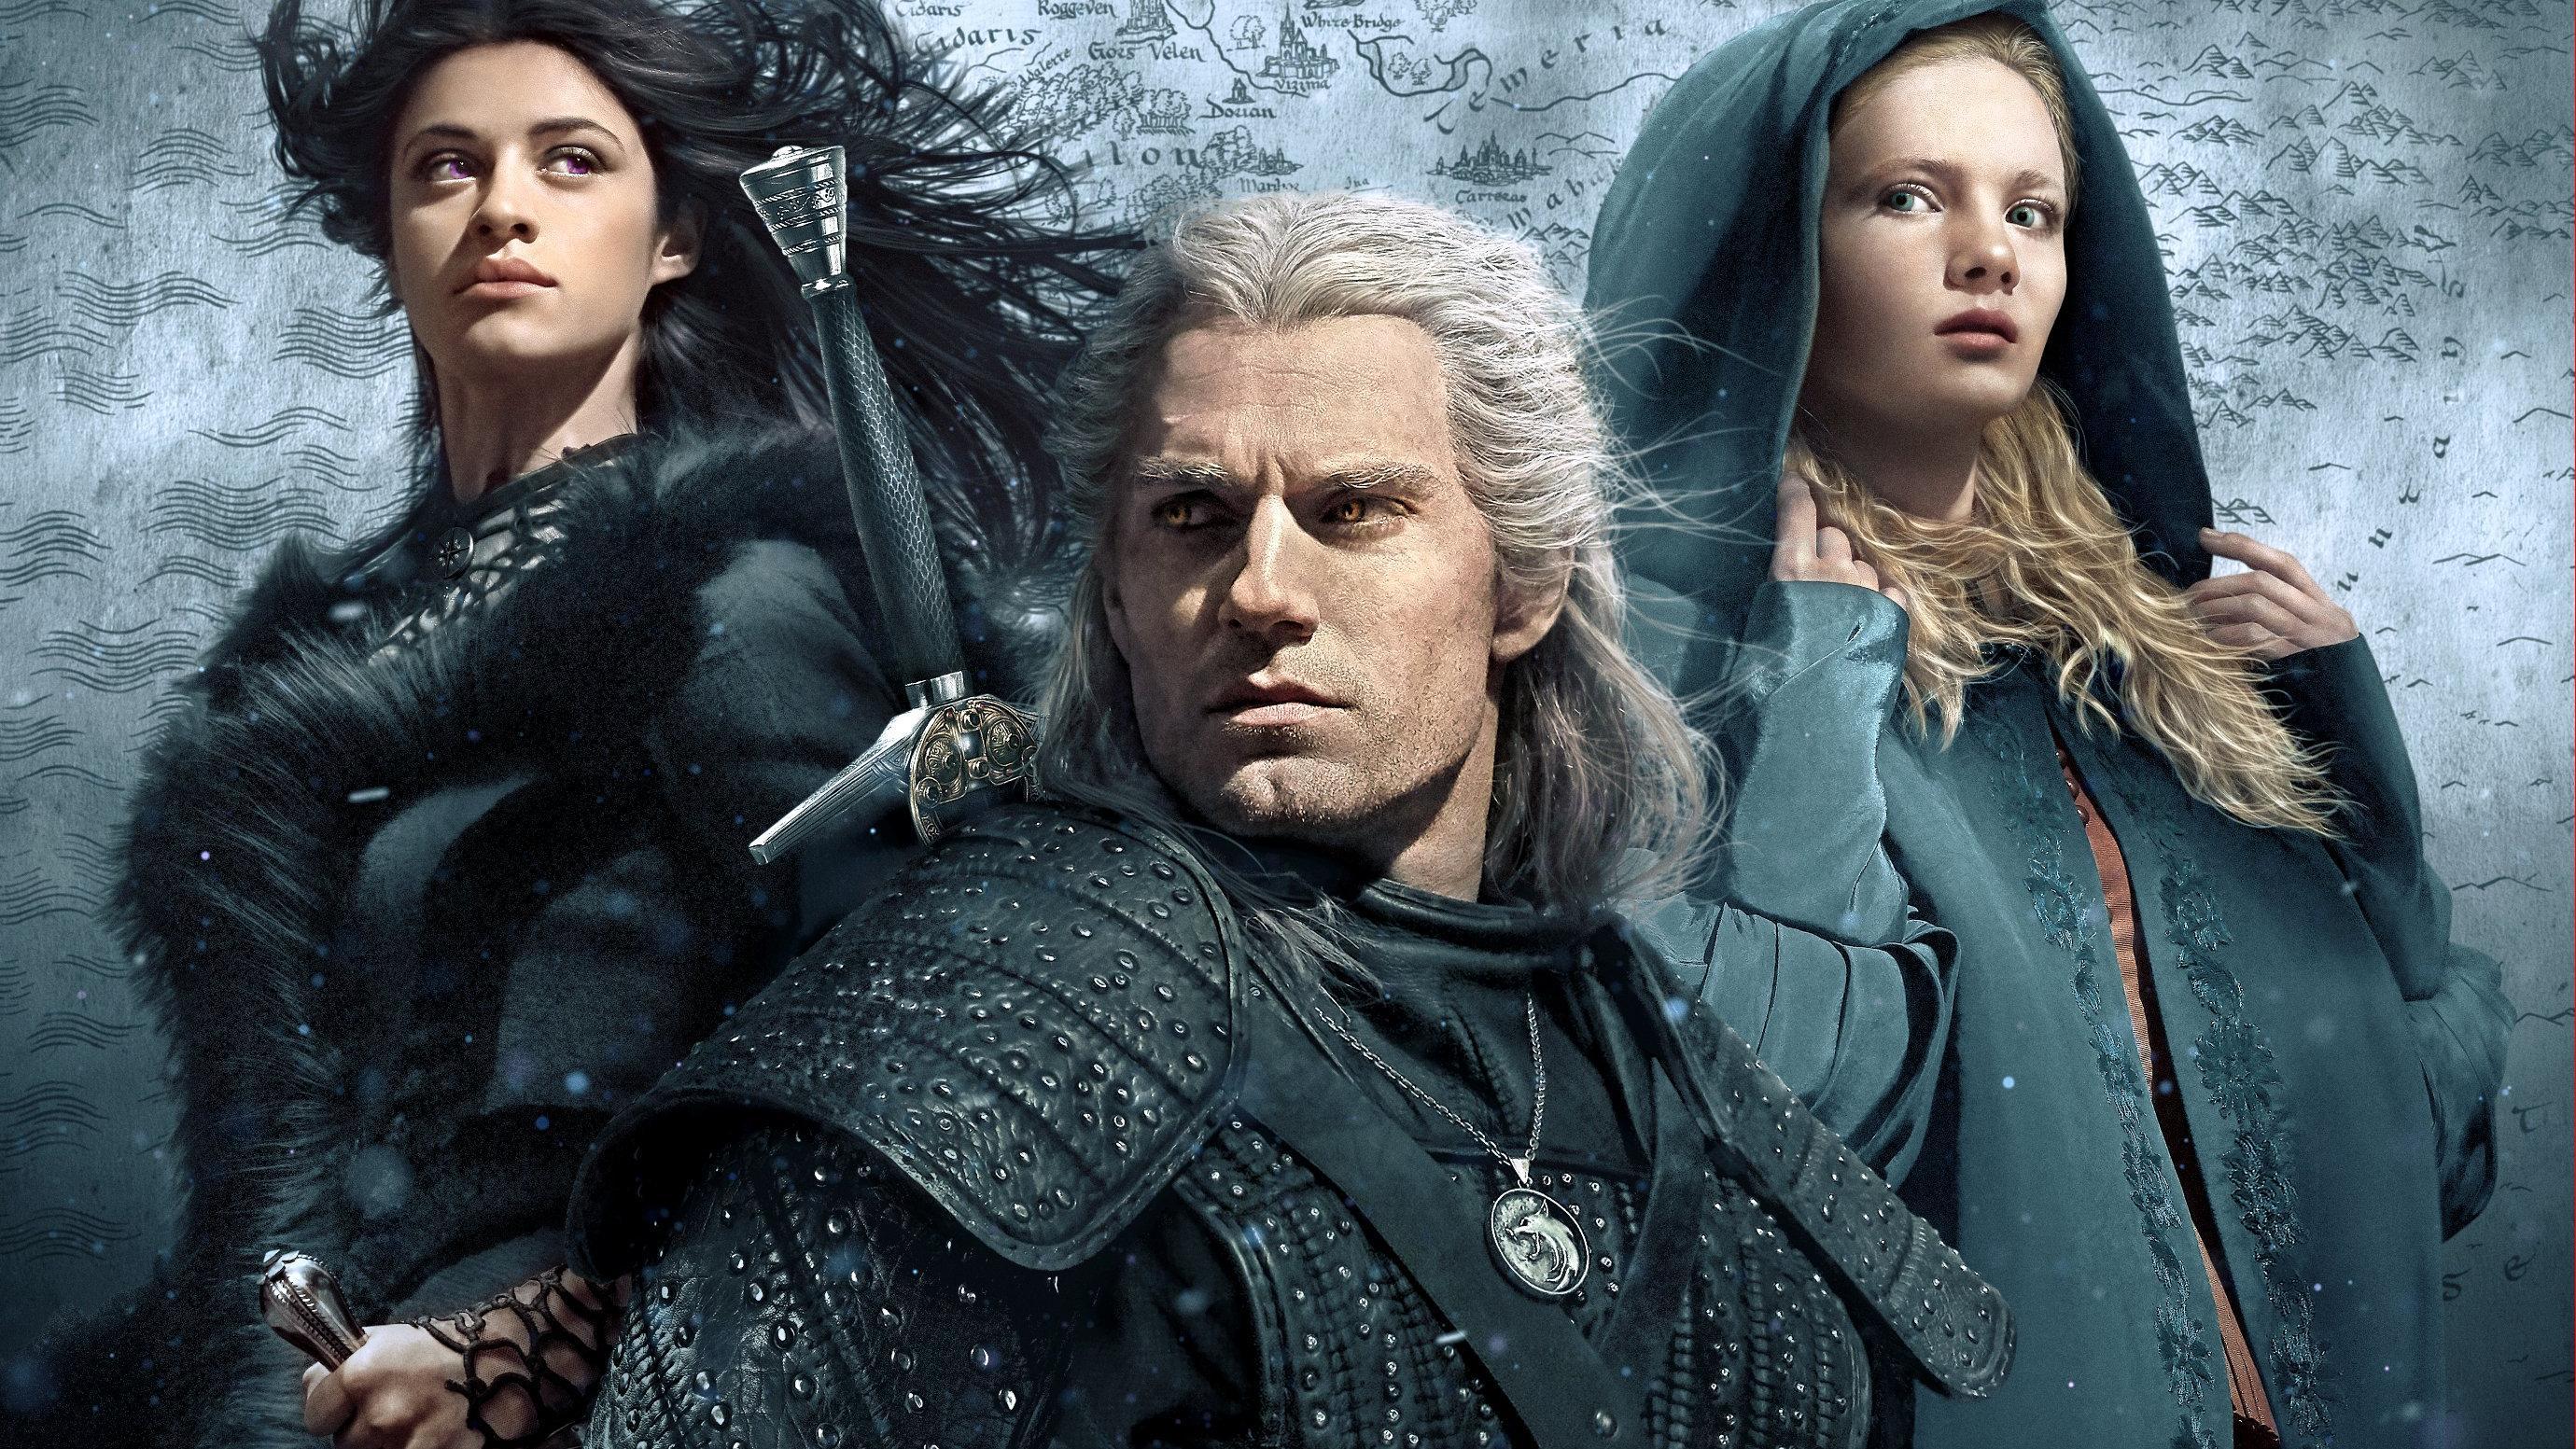 Nye bilder fra den neste sesongen av The Witcher har lekket